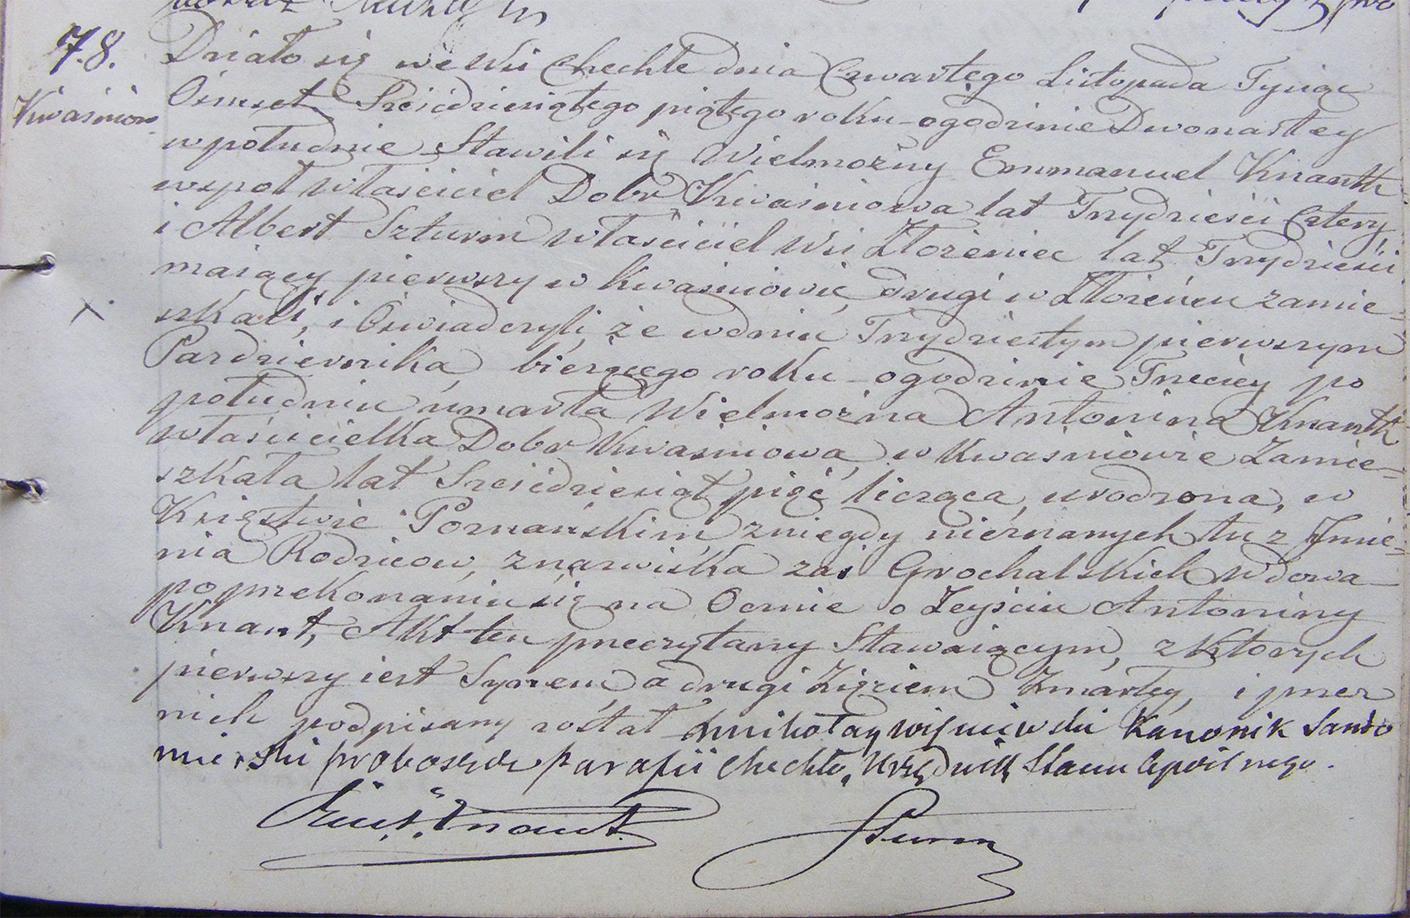 Akt stanu cywilnego zgonu Antonina Knaut 31.10.1865 r.